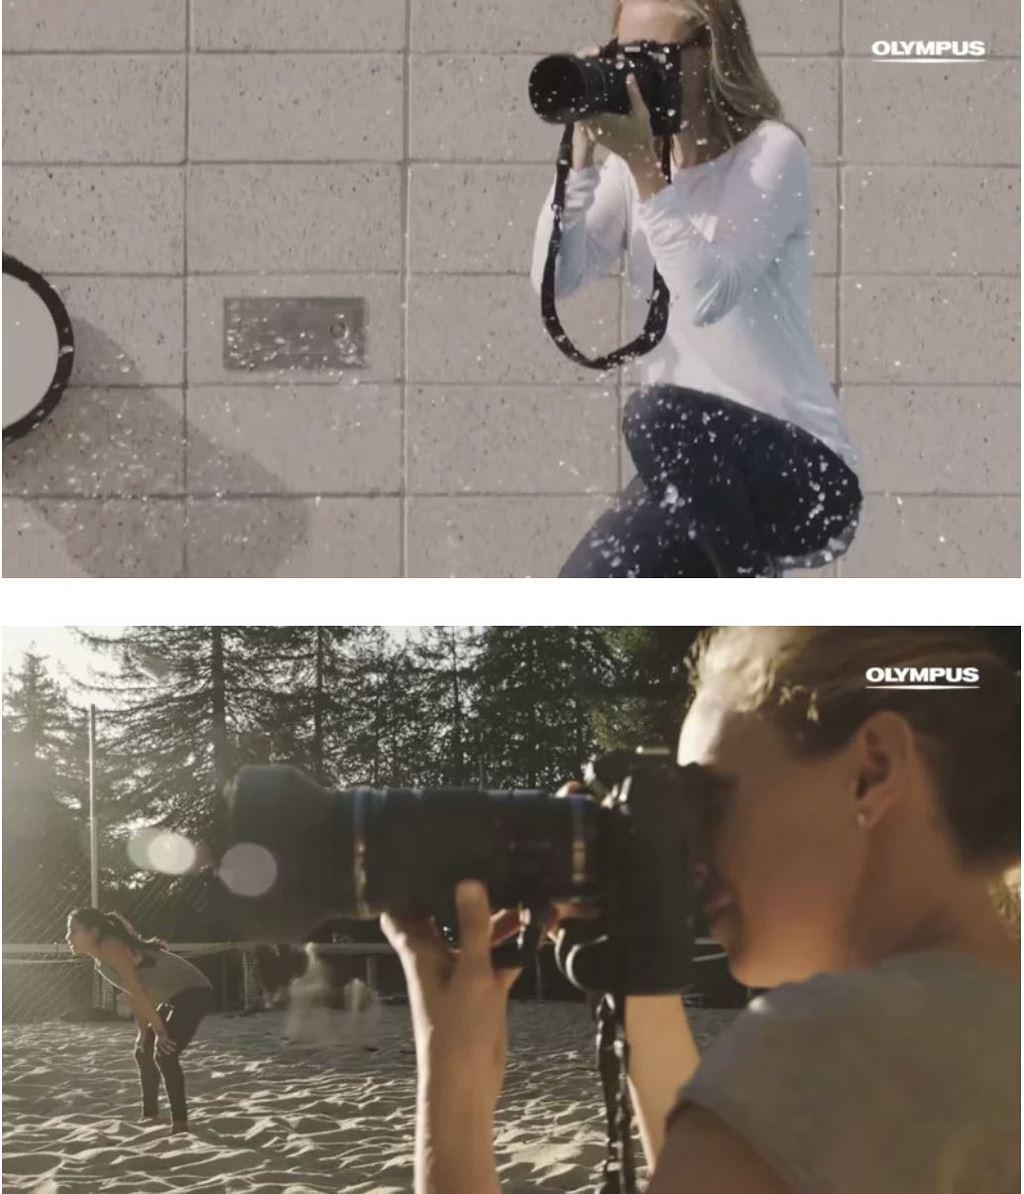 Olympus chuẩn bị ra mắt máy ảnh OM-D E-M1X dành cho người dùng chuyên nghiệp ảnh 2